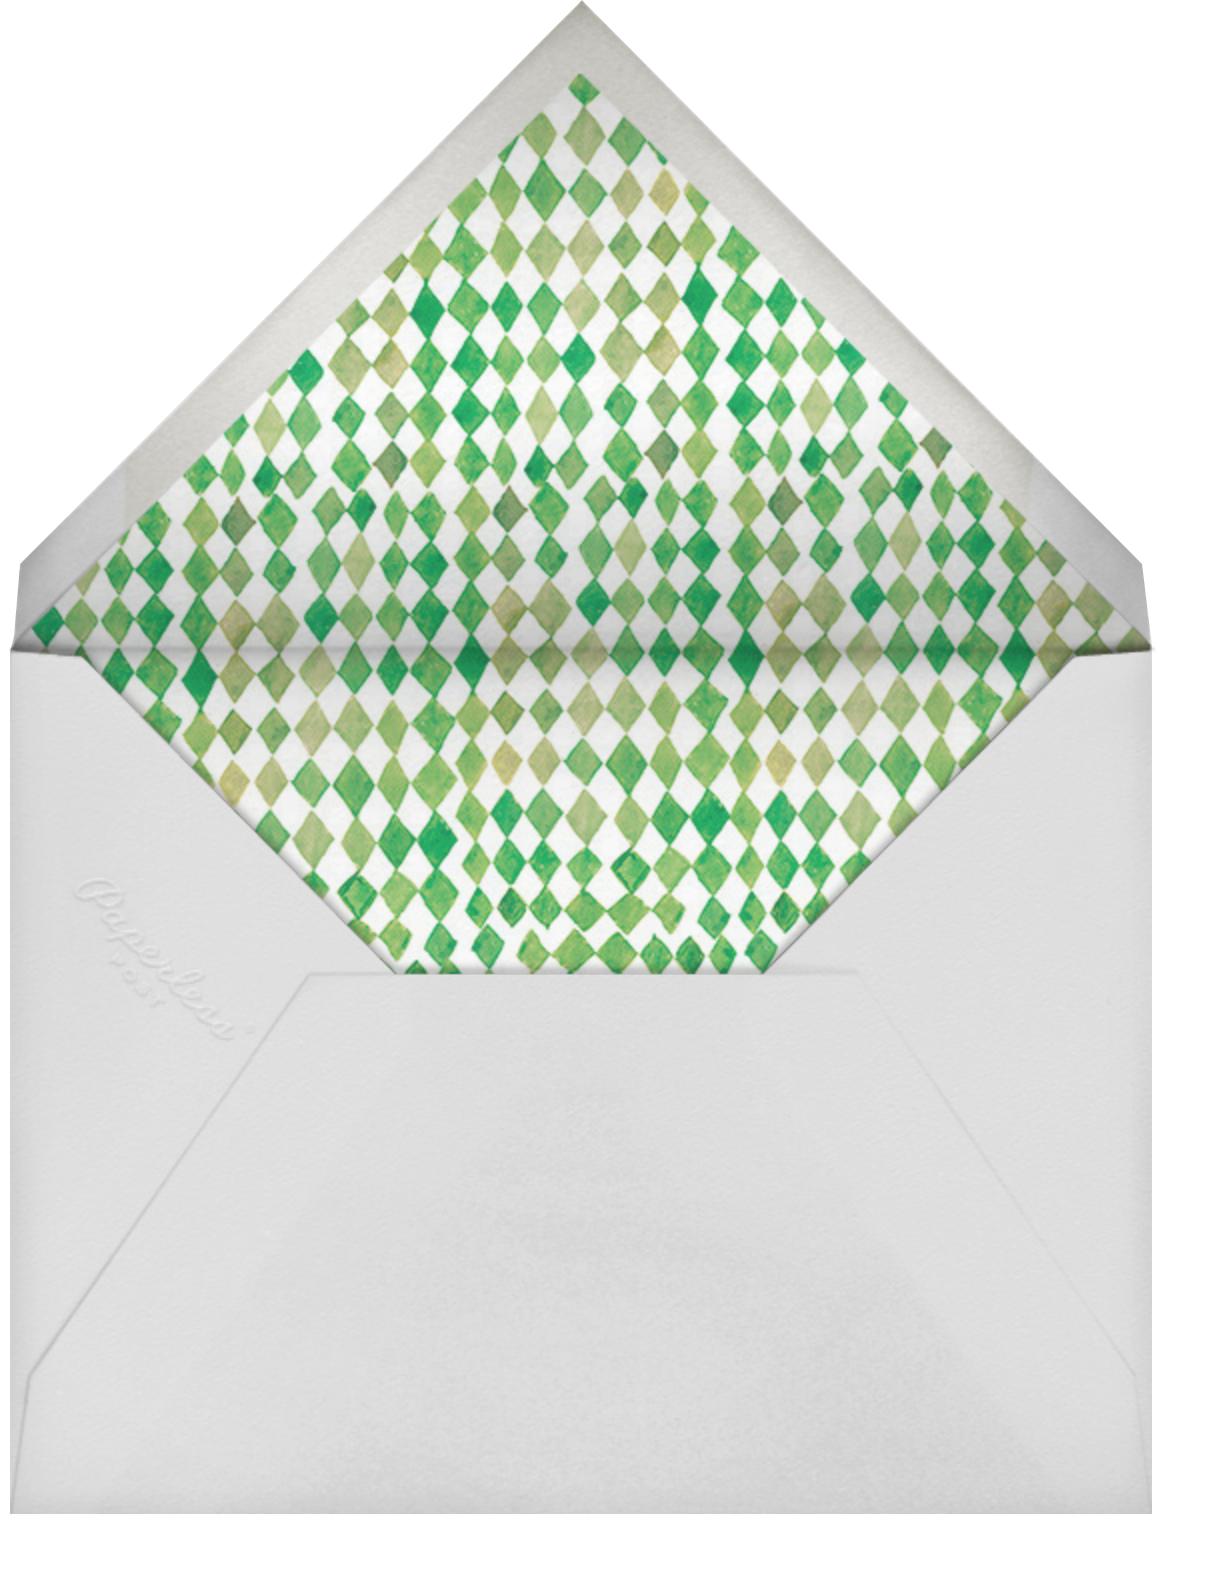 Fancy Pansies - Happy Menocal - Baby shower - envelope back